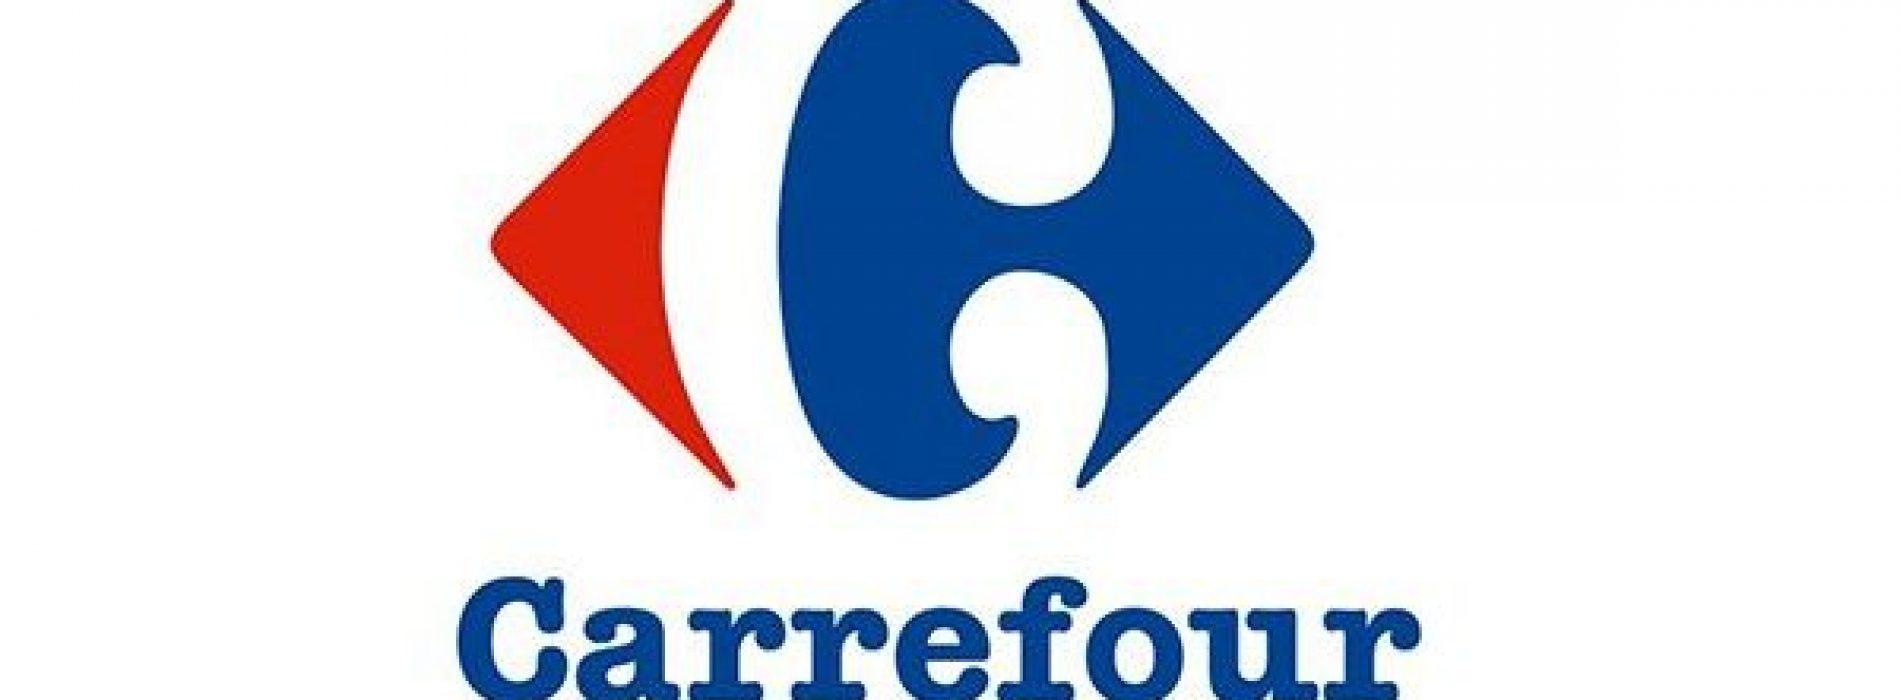 Carrefour participa pela 1ª vez da APAS Show e apresenta linha exclusiva de produtos orgânicos